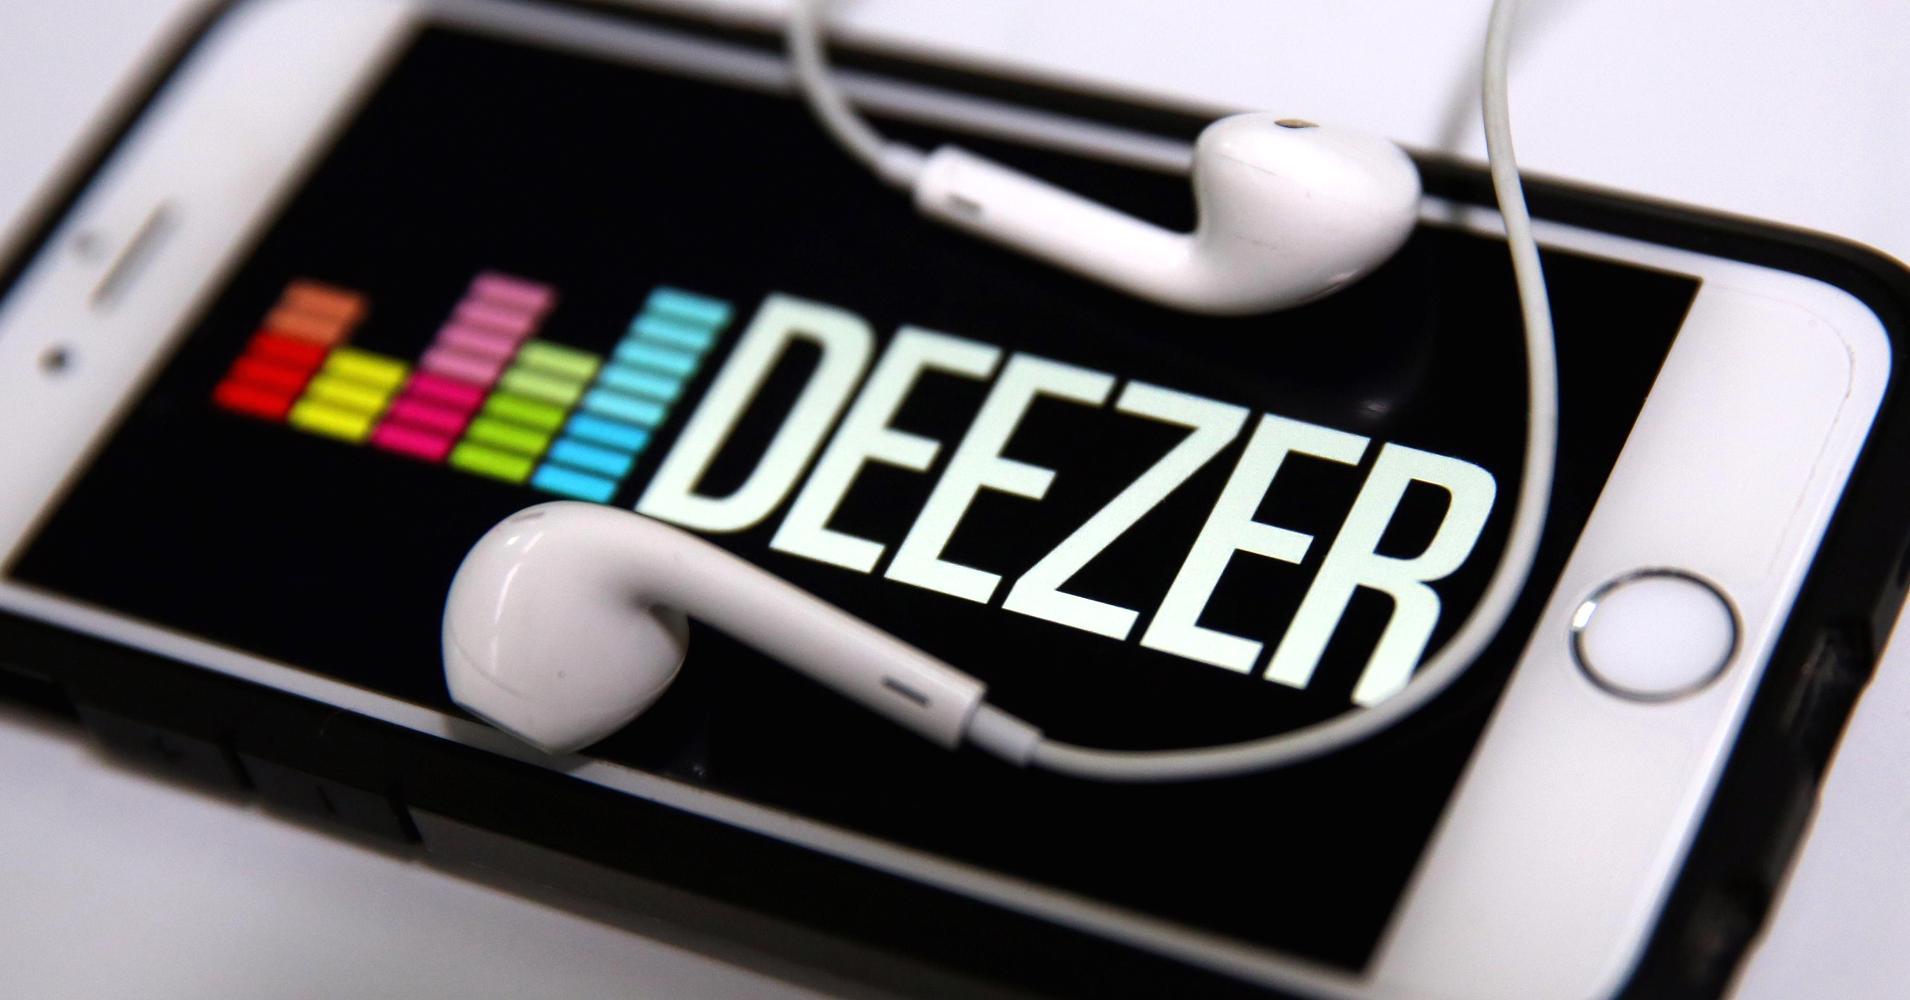 Contacter le service clients de Deezer en ligne : les coordonnées du support assistance - Contacter DEEZER | Assistance, service clients et SAV de #Deezer